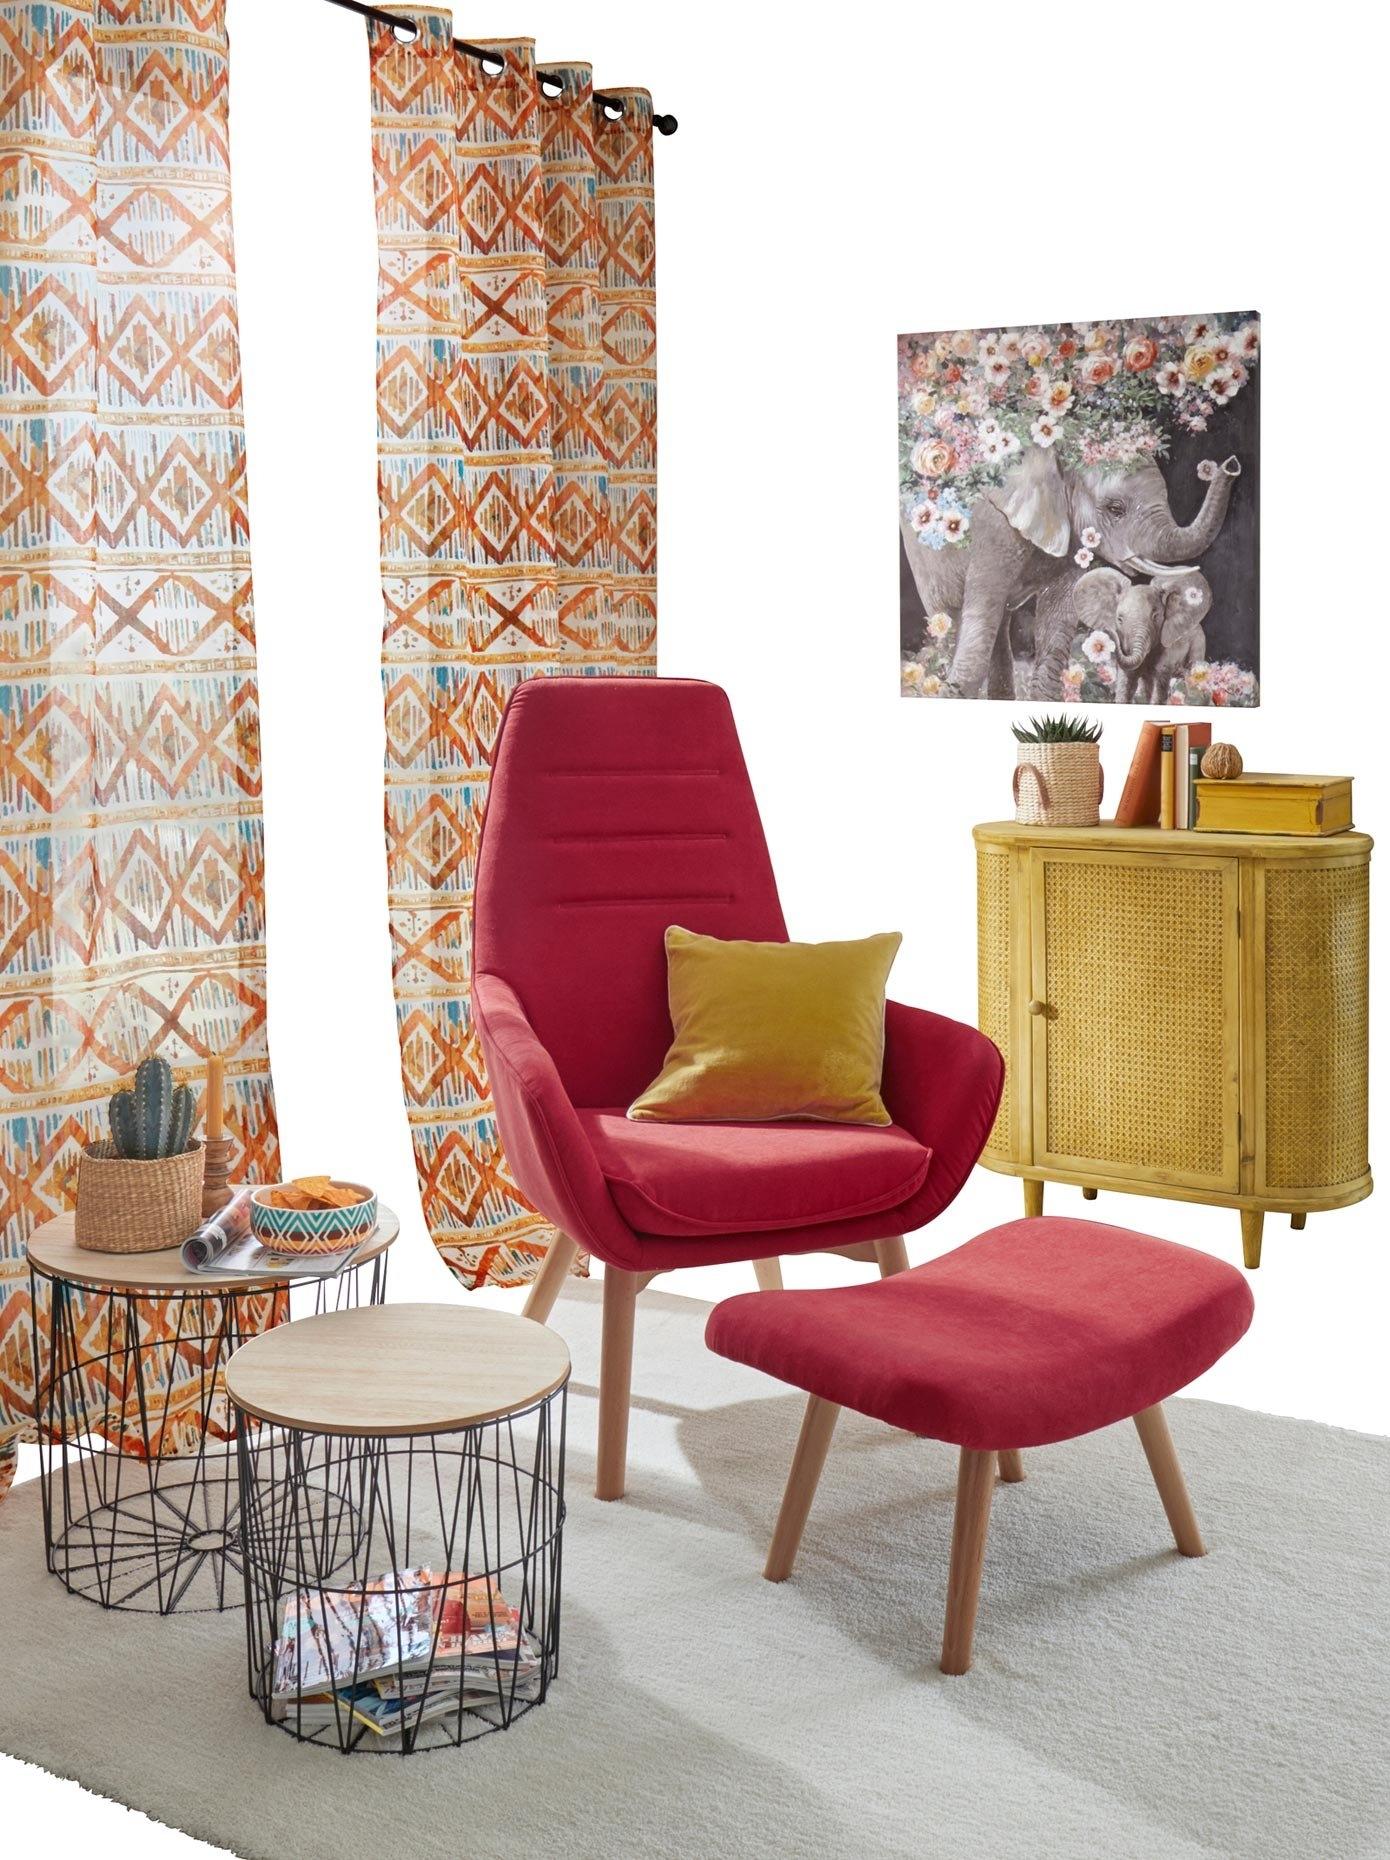 heine home fauteuil (2 stuks) bestellen: 30 dagen bedenktijd